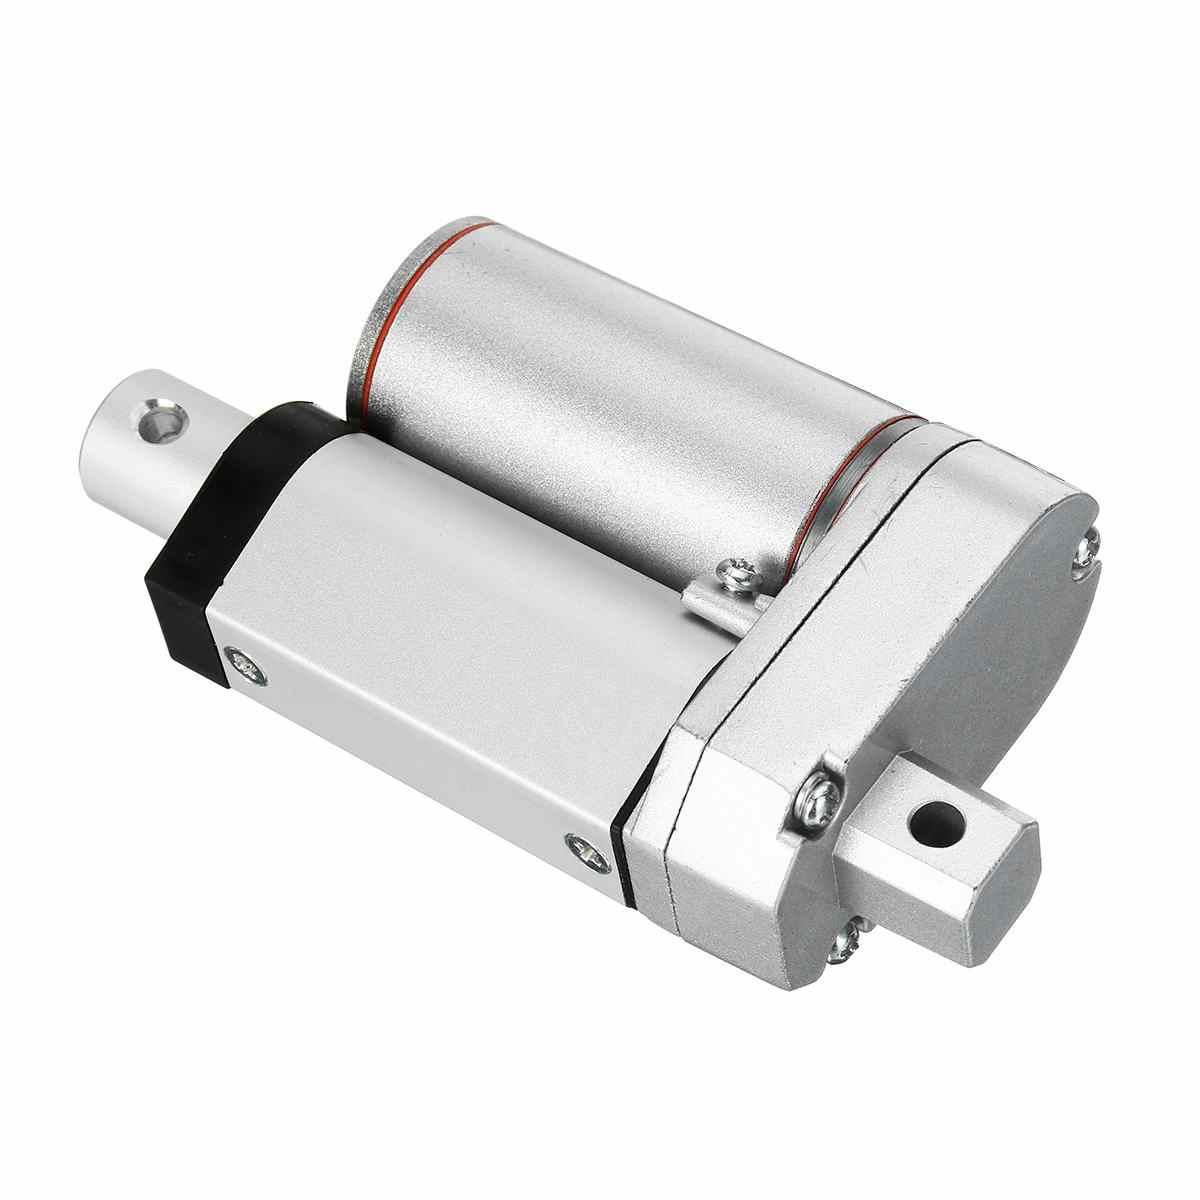 Micro ไฟฟ้ามอเตอร์ 24VDC Linear Actuator 30 มม.15 มม.13 มม.4 มม.มอเตอร์เชิงเส้น 300N 600N 1100N 1500N